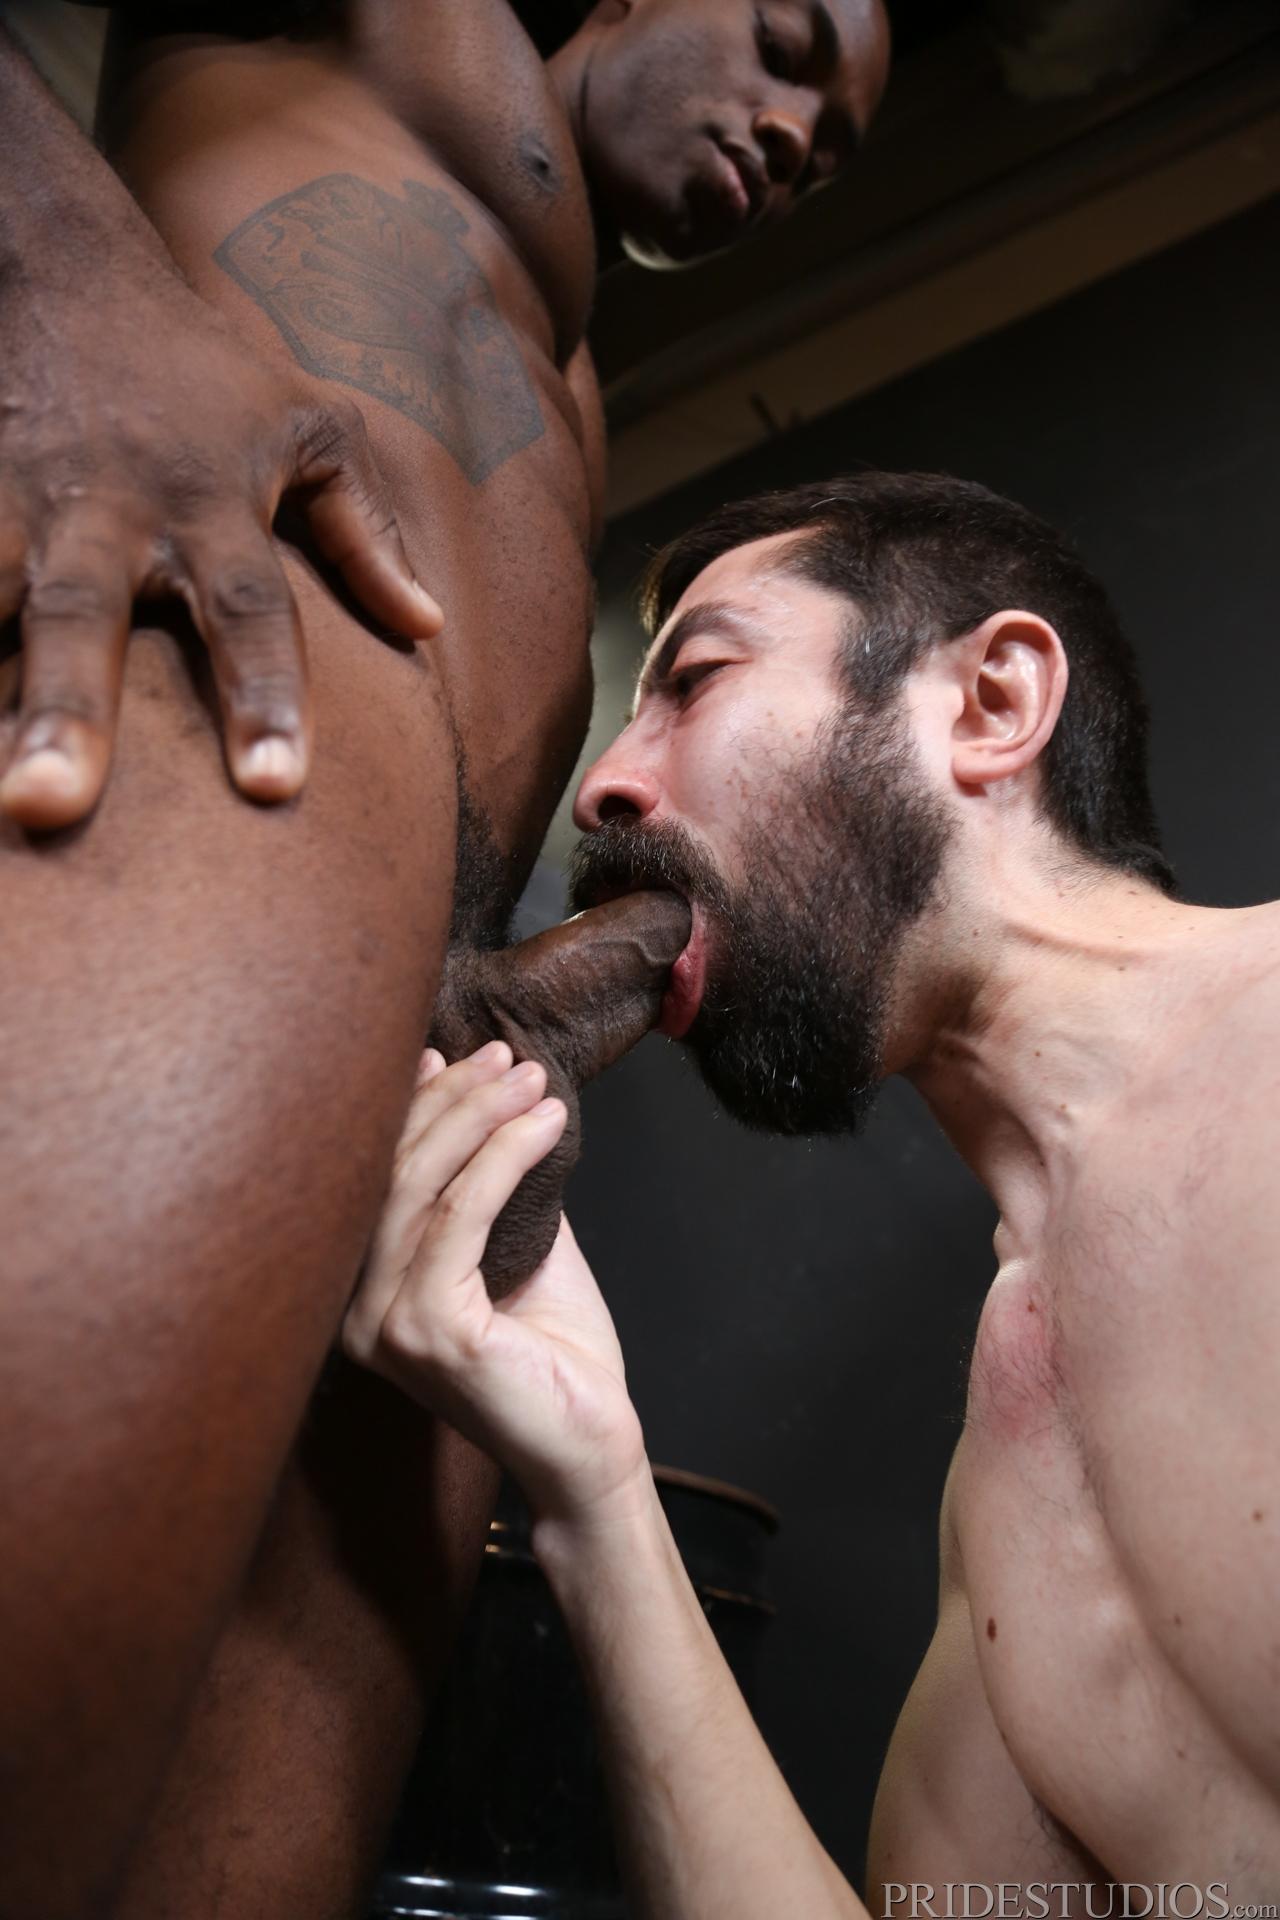 Contents 1 Lieu de rencontre gay et video glory hole gay 1